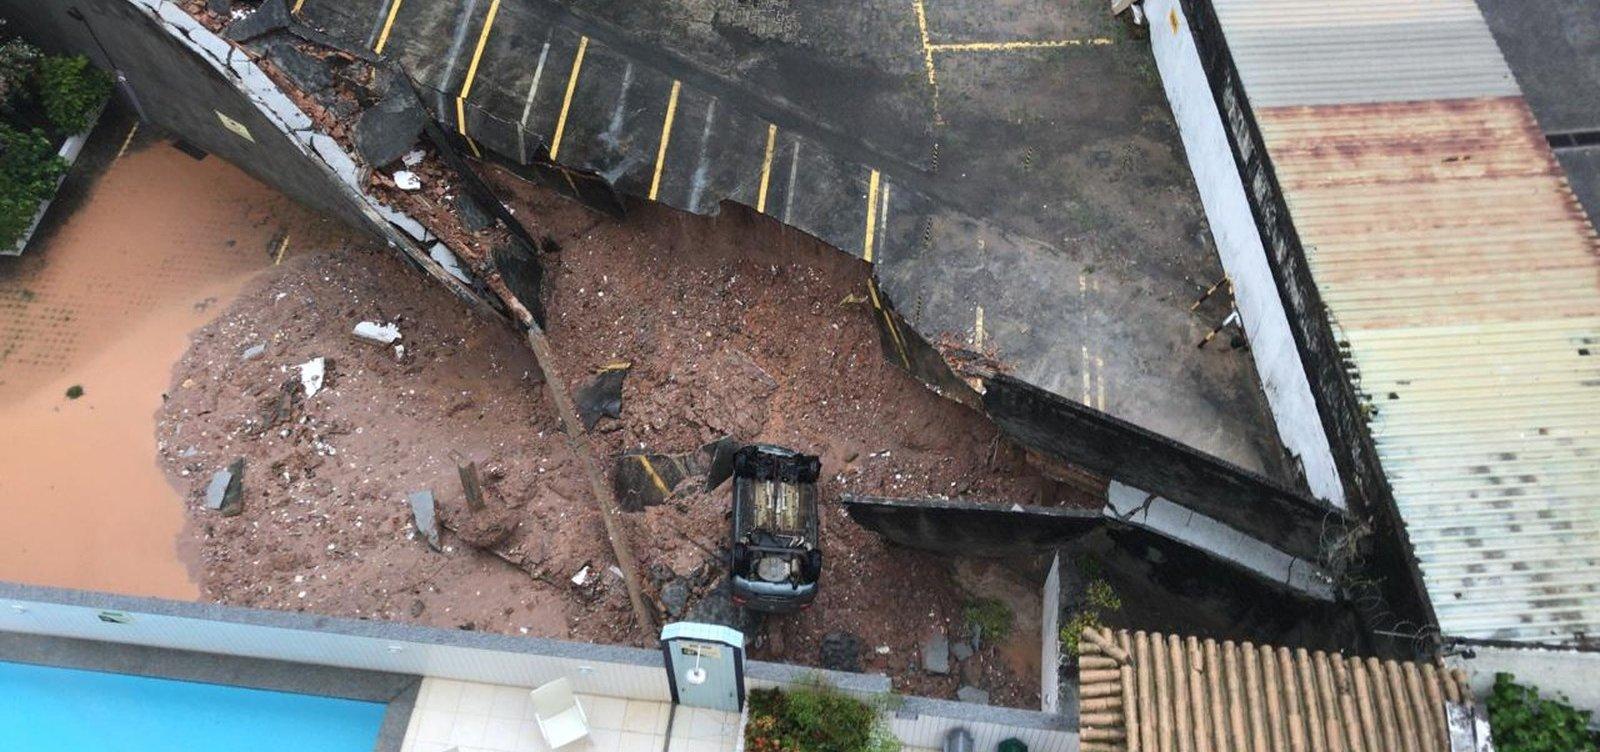 [Estacionamento de prédio desaba no Imbuí após chuvas ]